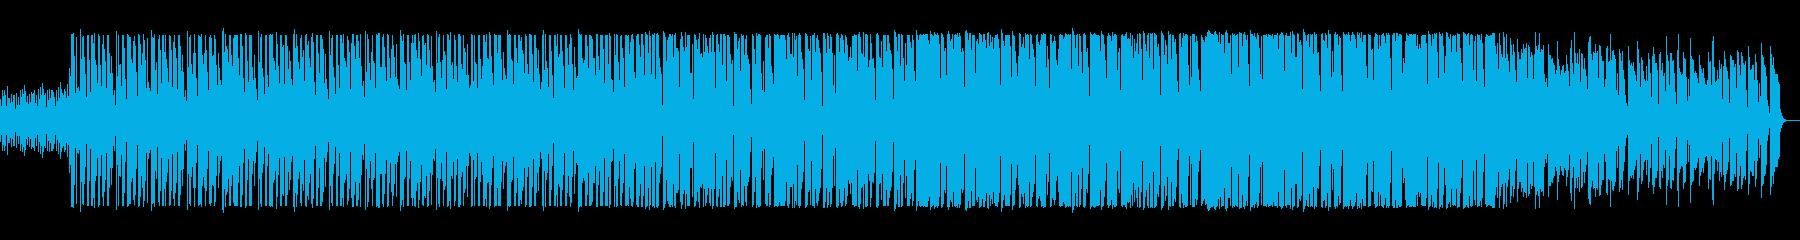 宇宙的な音が飛び交うポップスの再生済みの波形